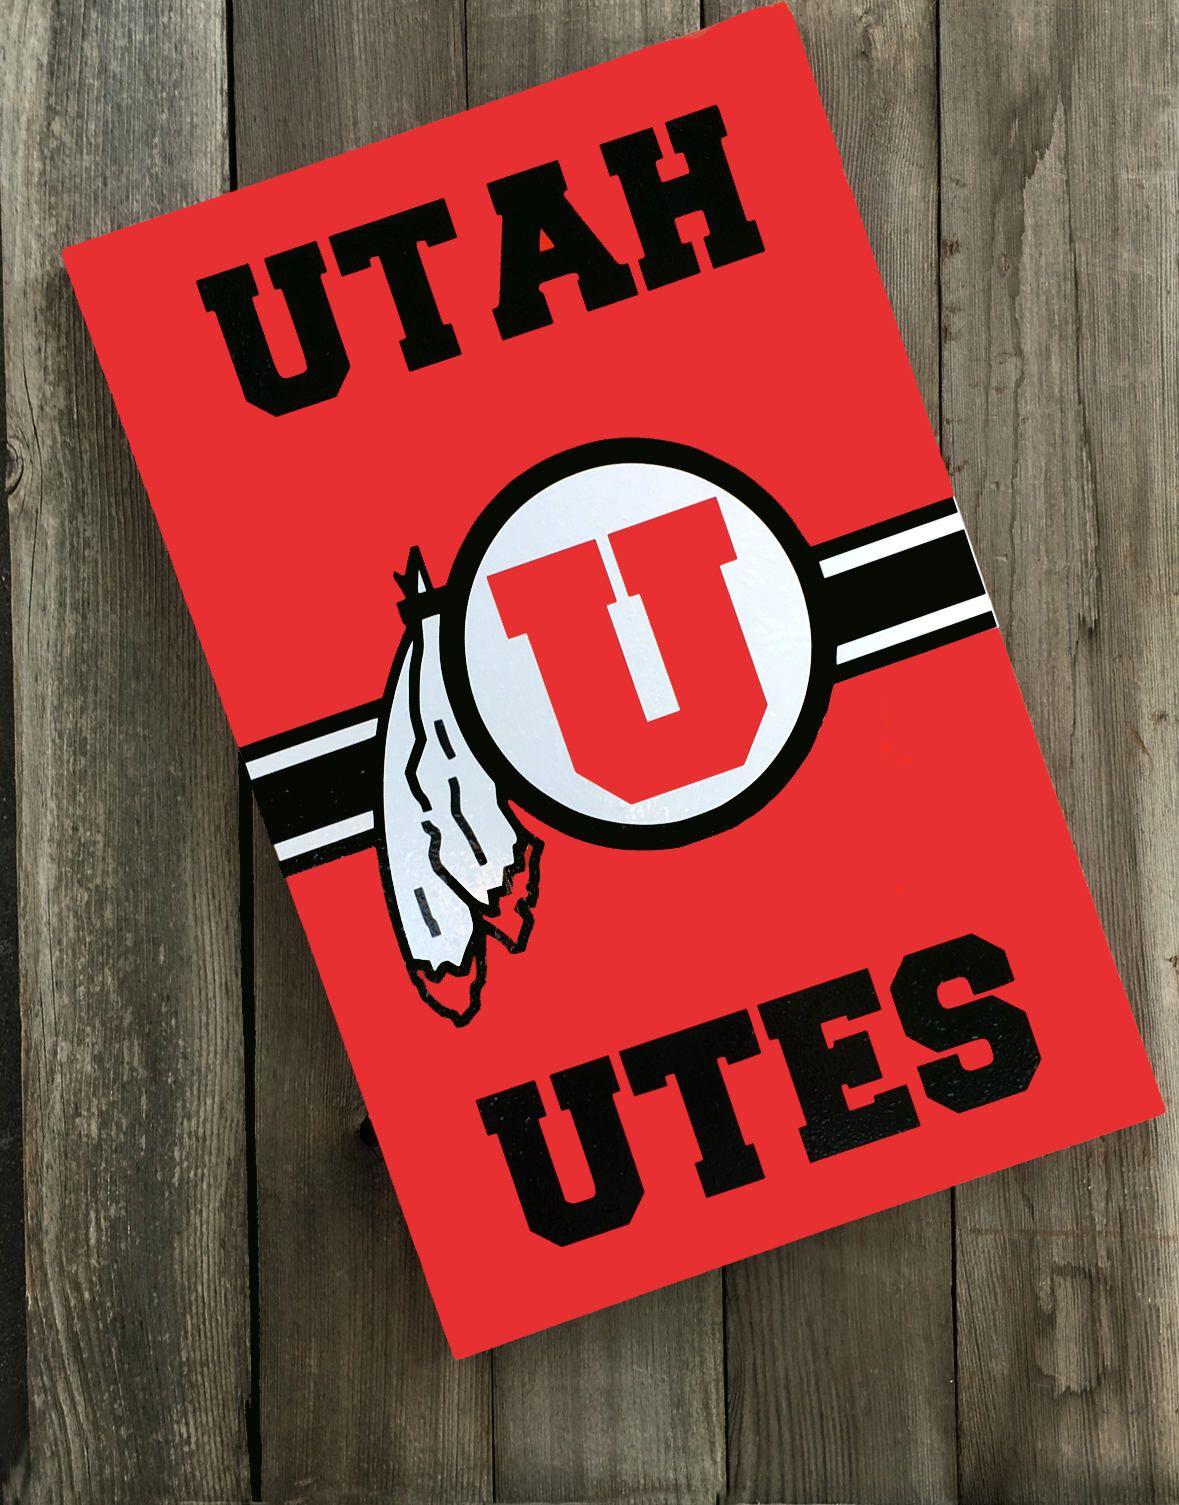 Utah Utes Porch Sign And Decor Etsy Utah Utes Utes College Decor [ 1505 x 1179 Pixel ]